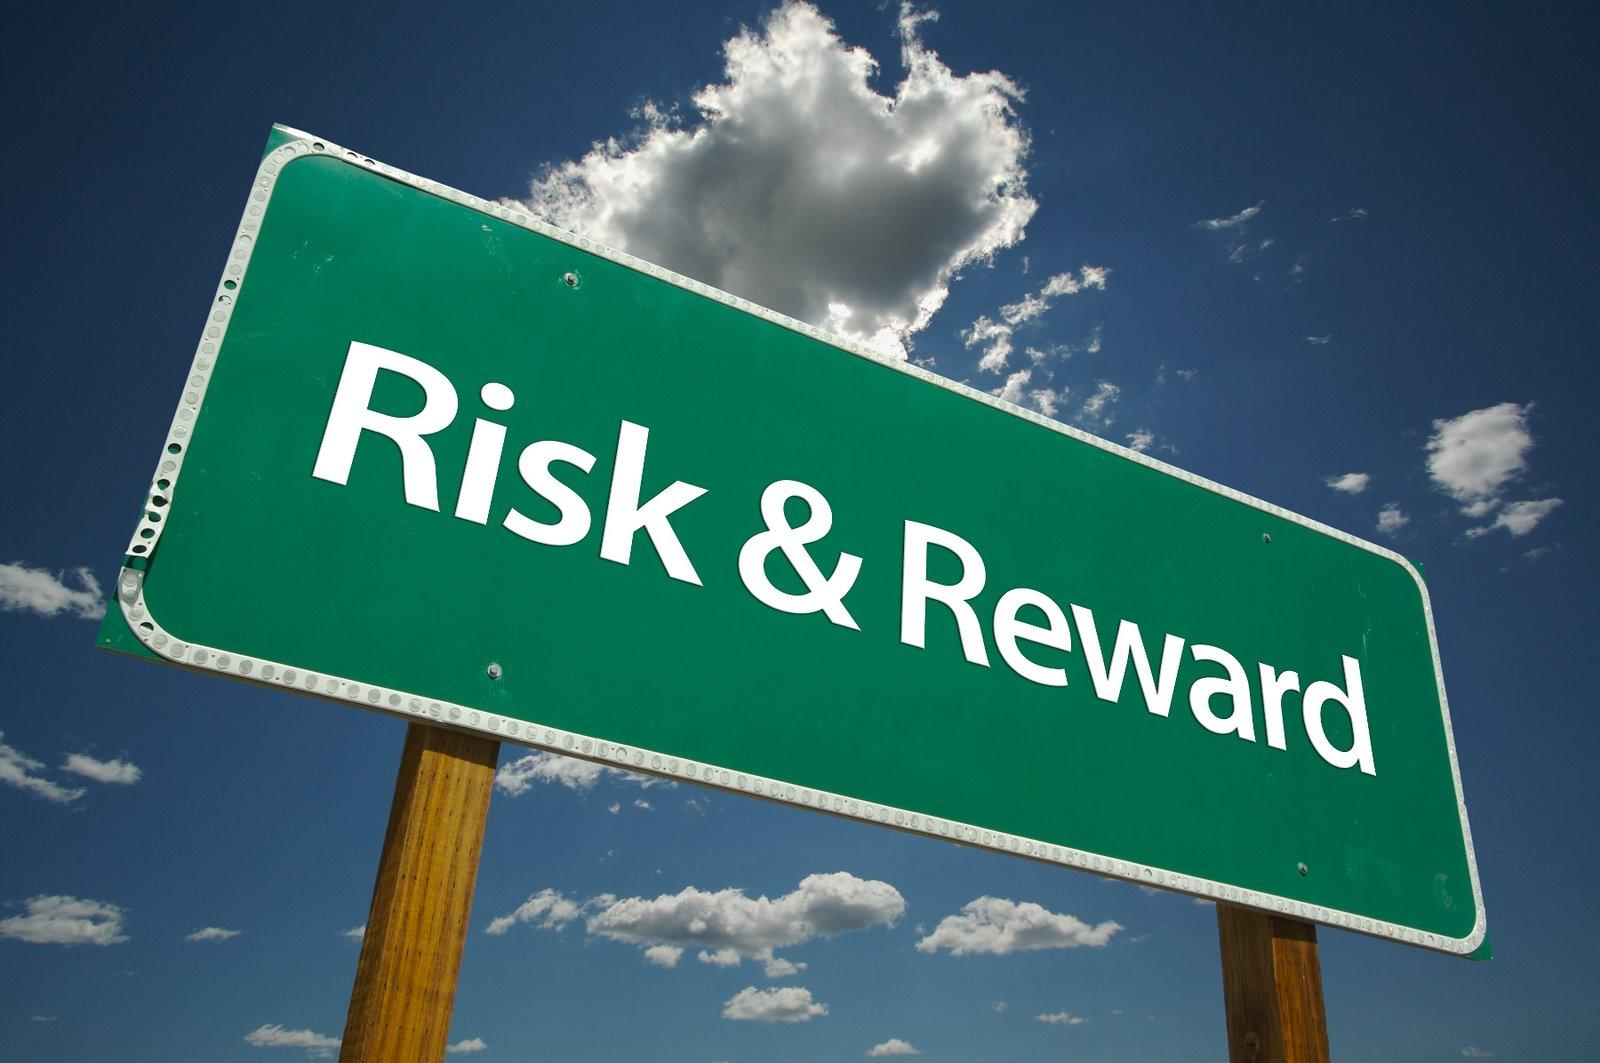 De risicospreiding minimaliseert het verlies en verhoogt de beloningen